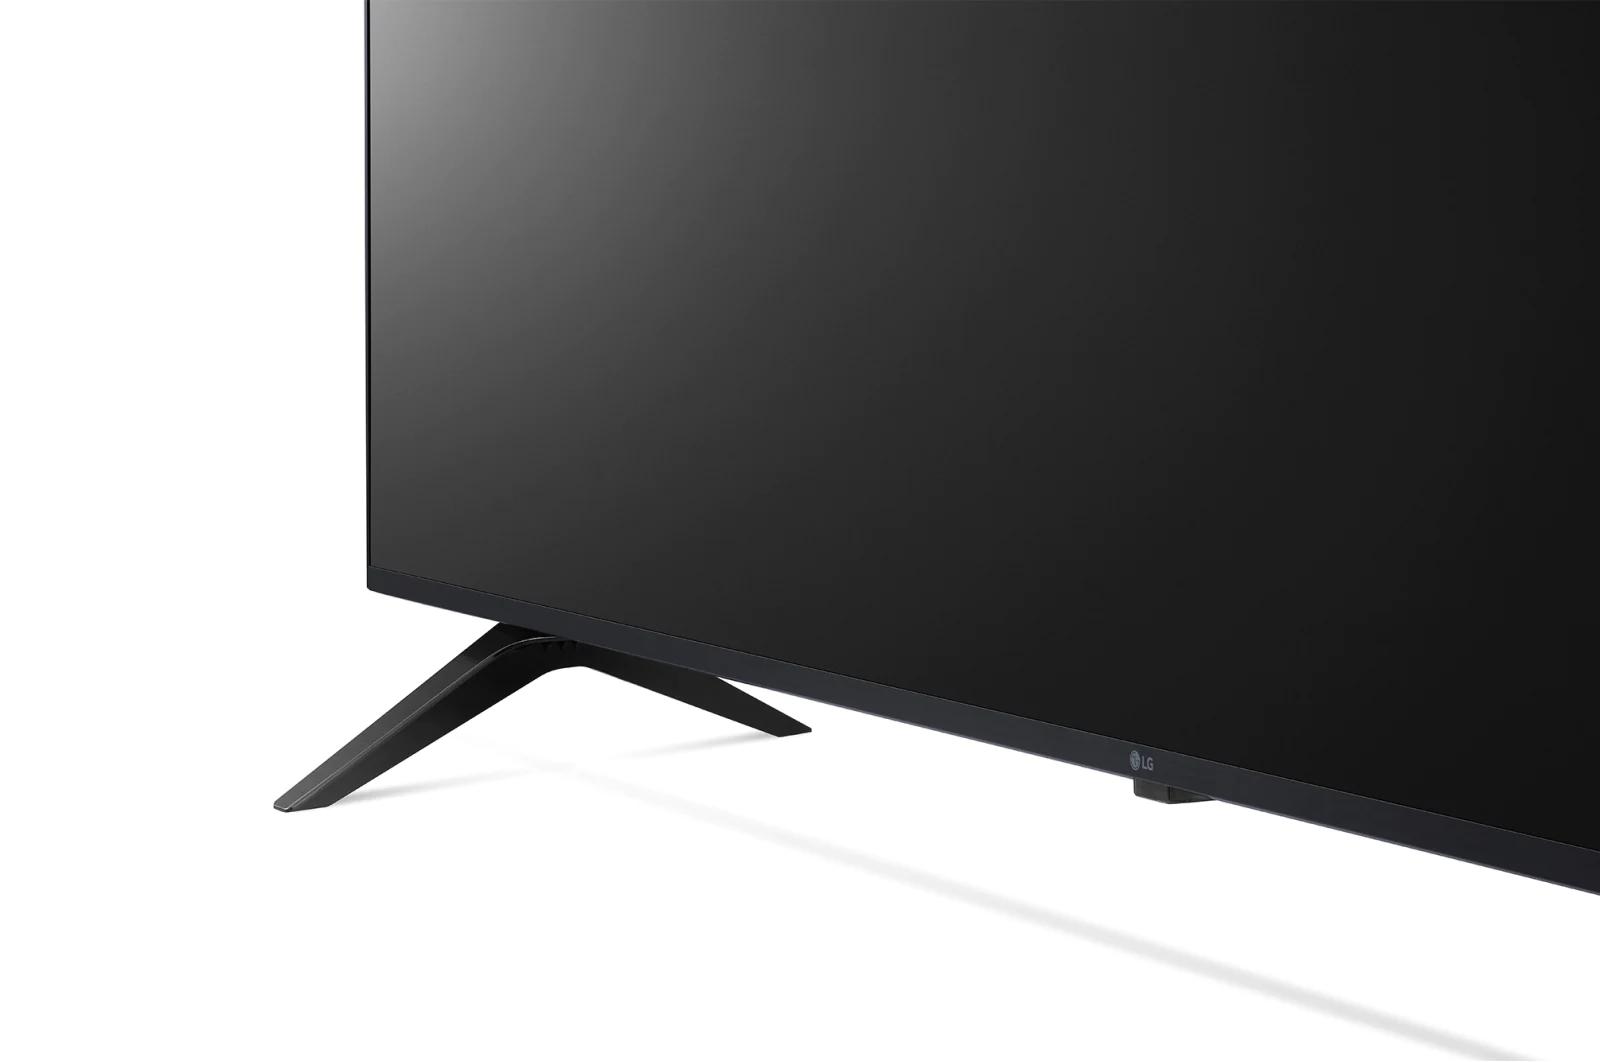 Телевизор LG LED 50UP77506LA  - 5